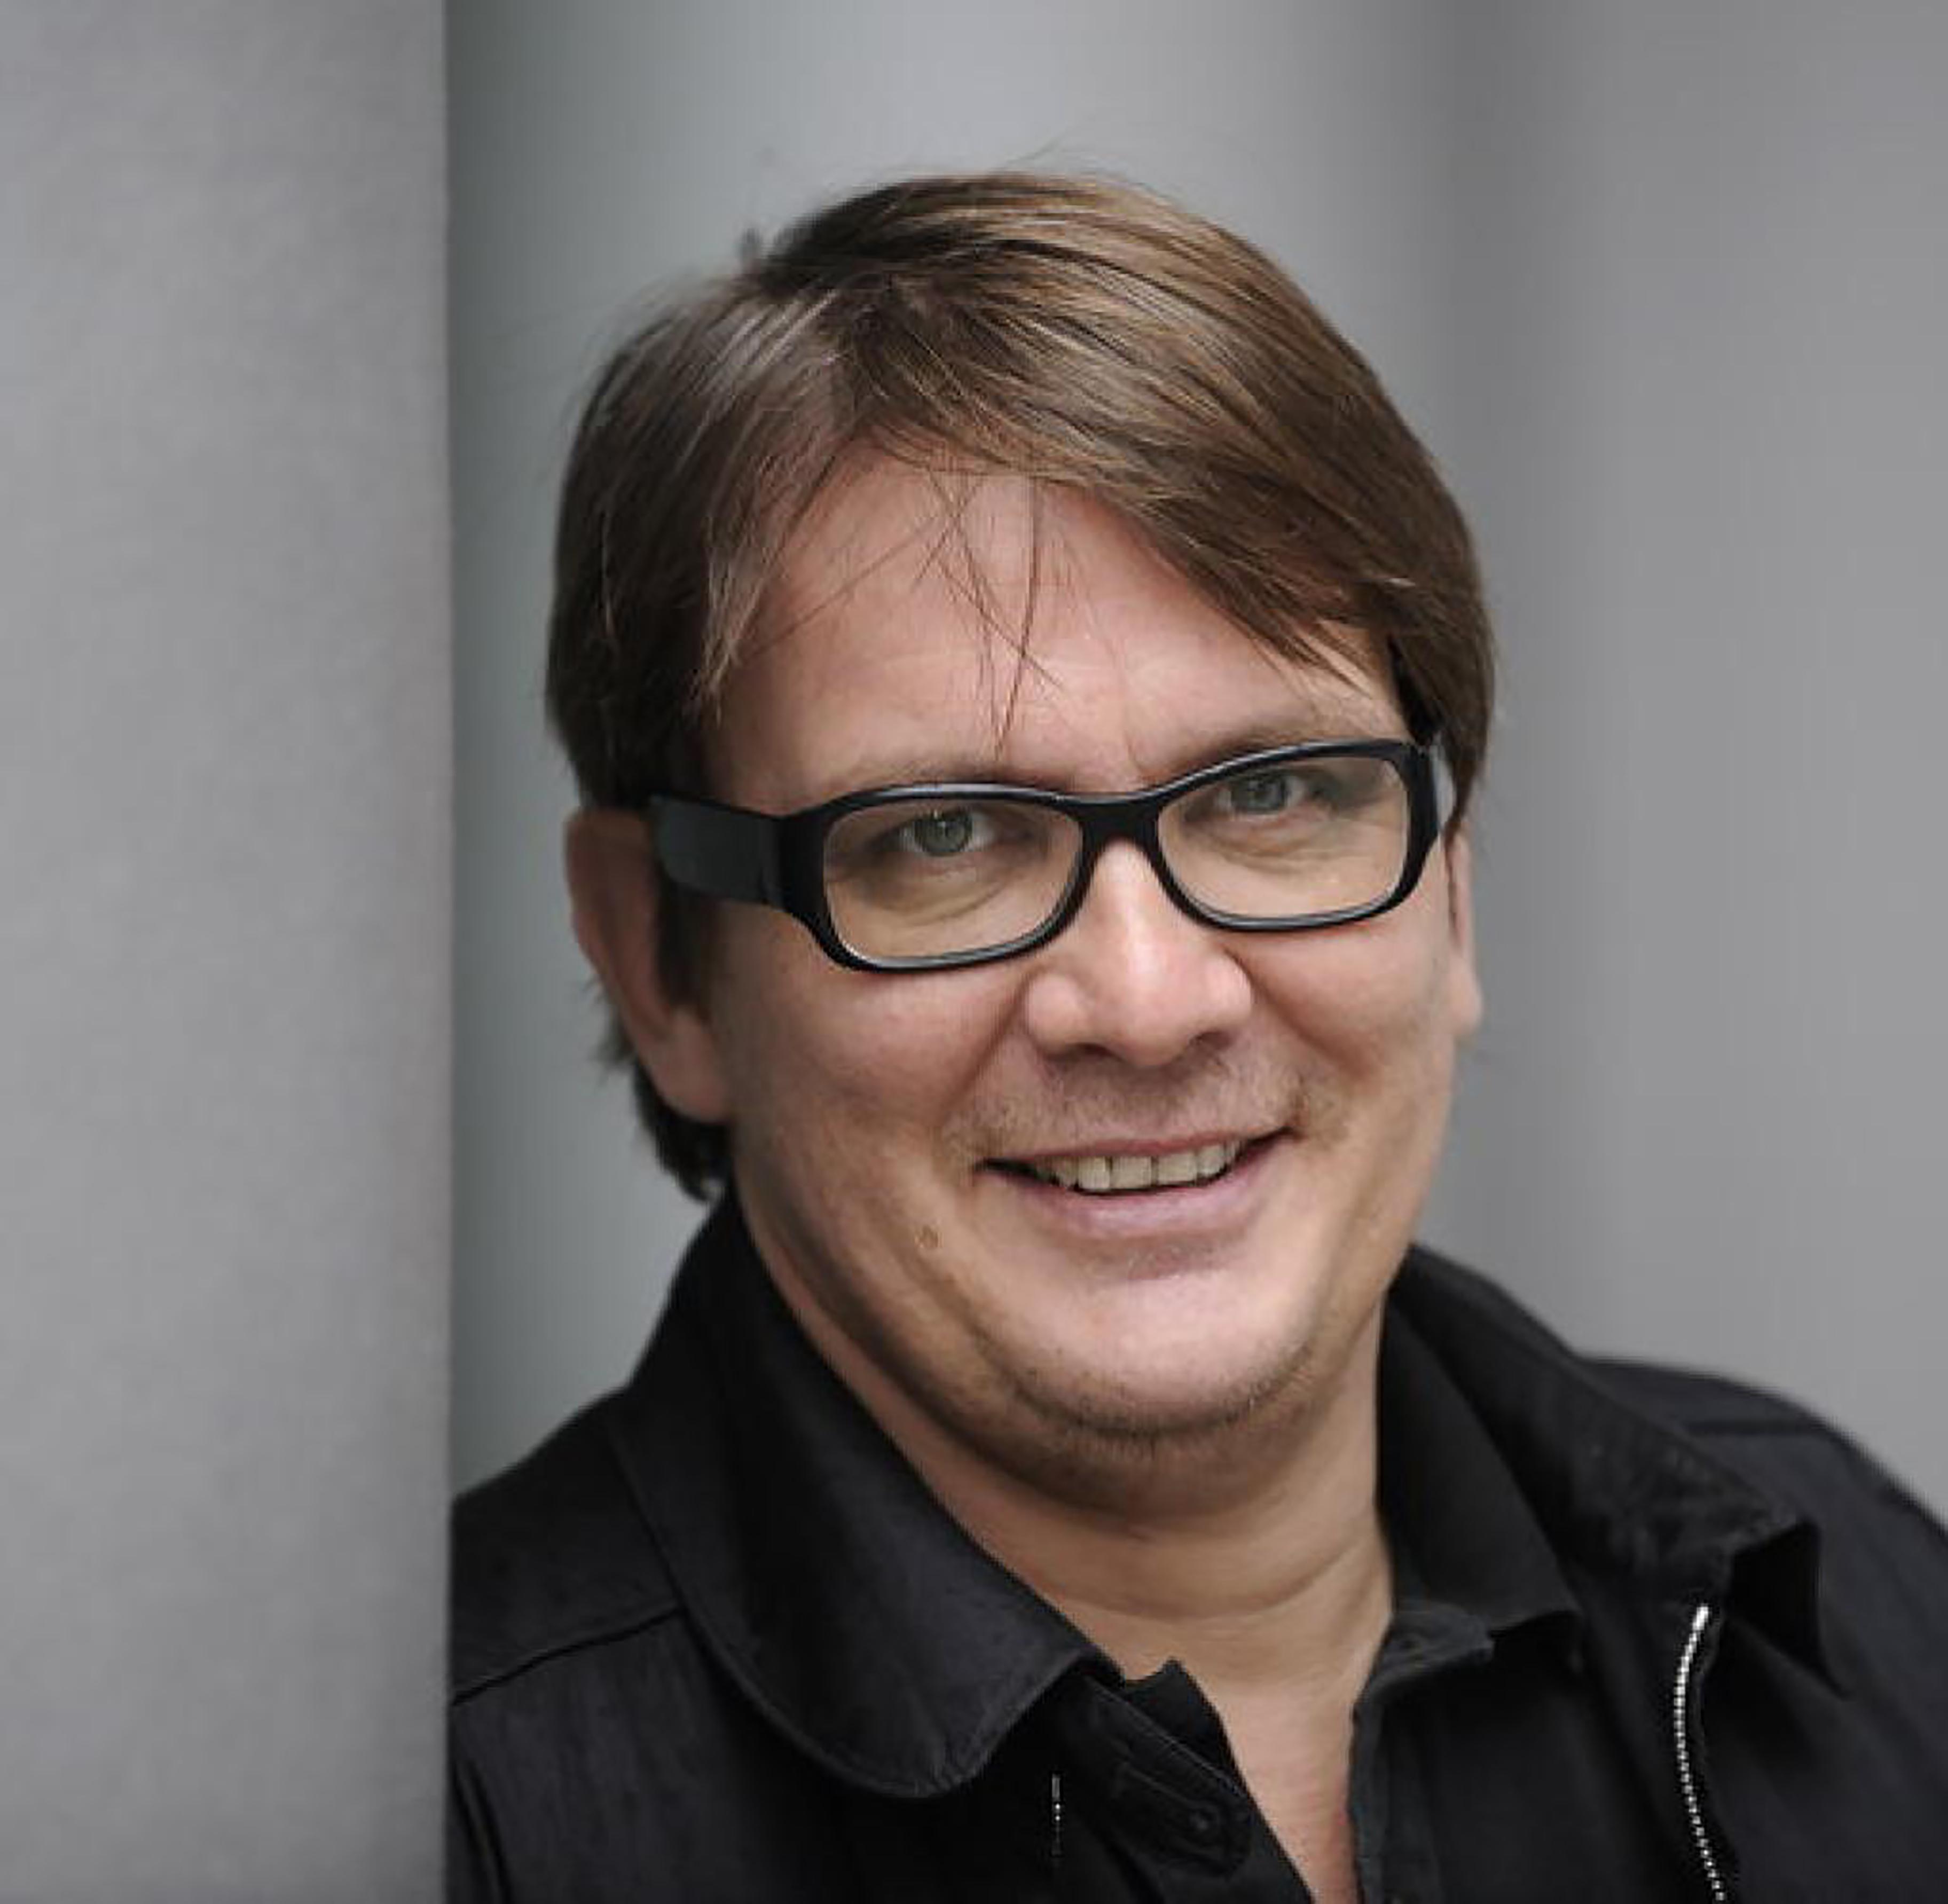 Torsten Silz